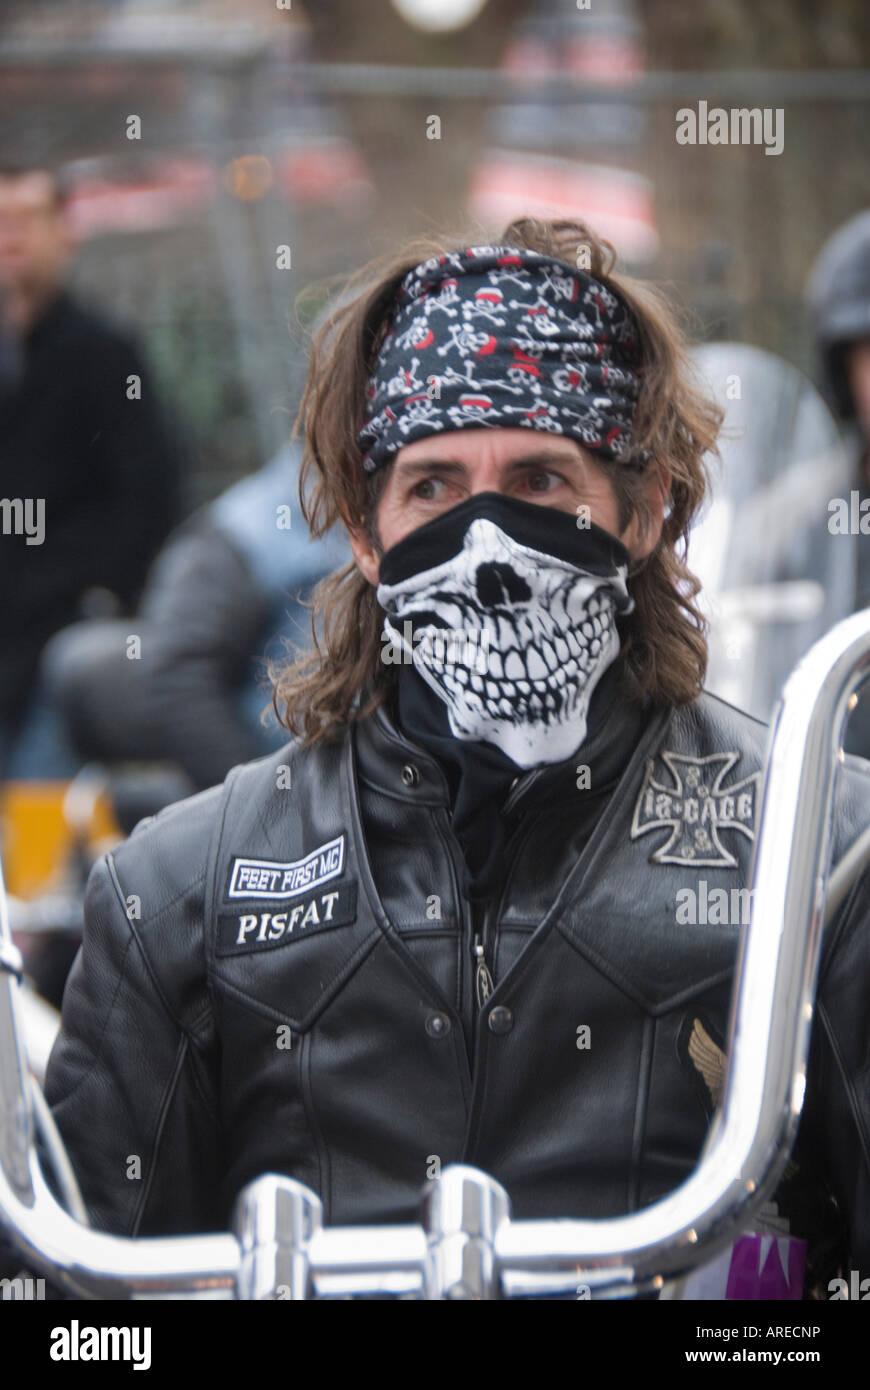 L'homme Moto Sur Port De Le amp; Head Foulard Tête La Shoulders TTqEwxZrd